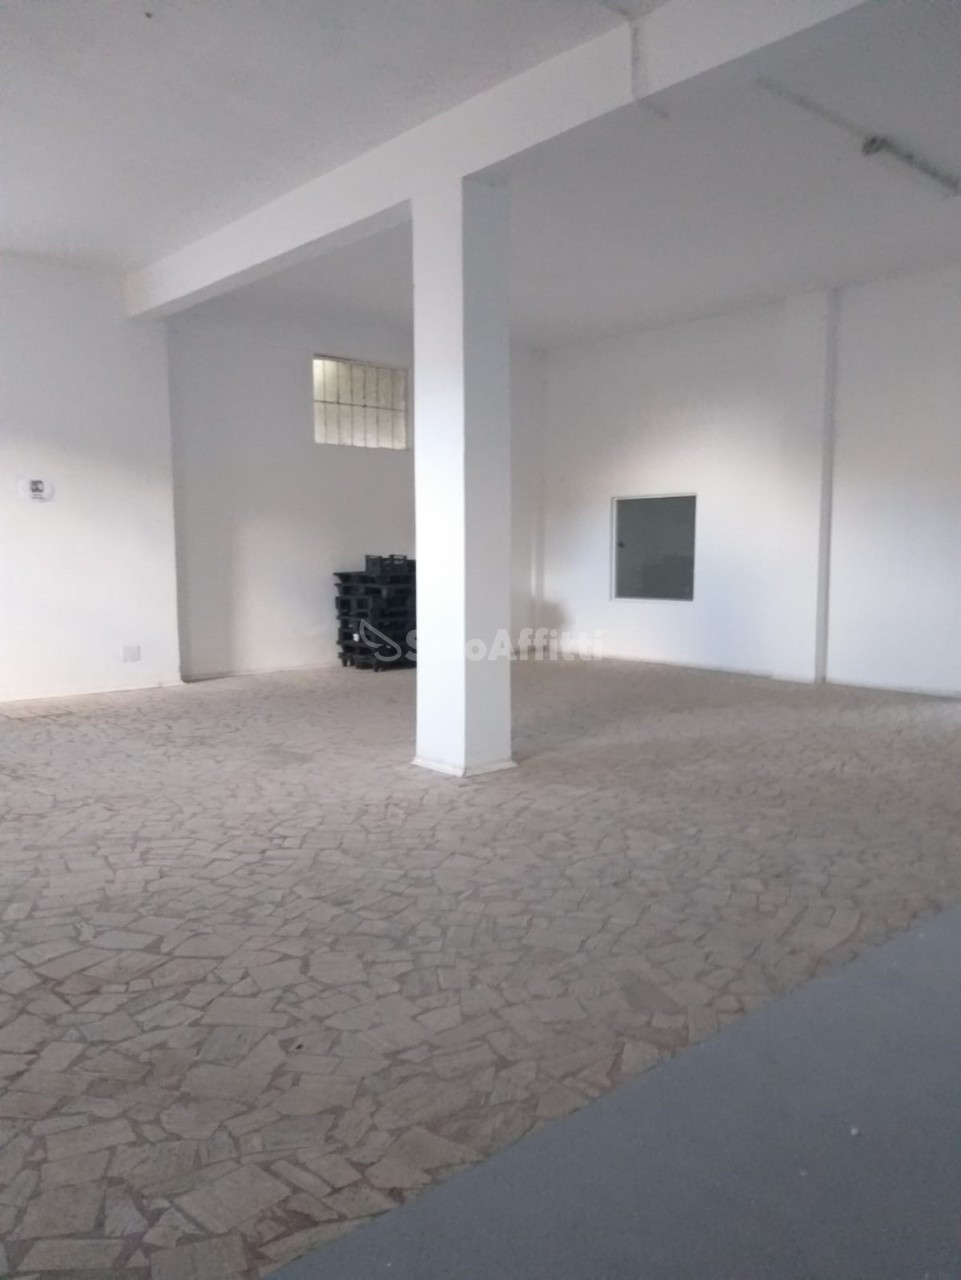 Fondo/negozio - 2 vetrine/luci a Roma Rif. 11756762